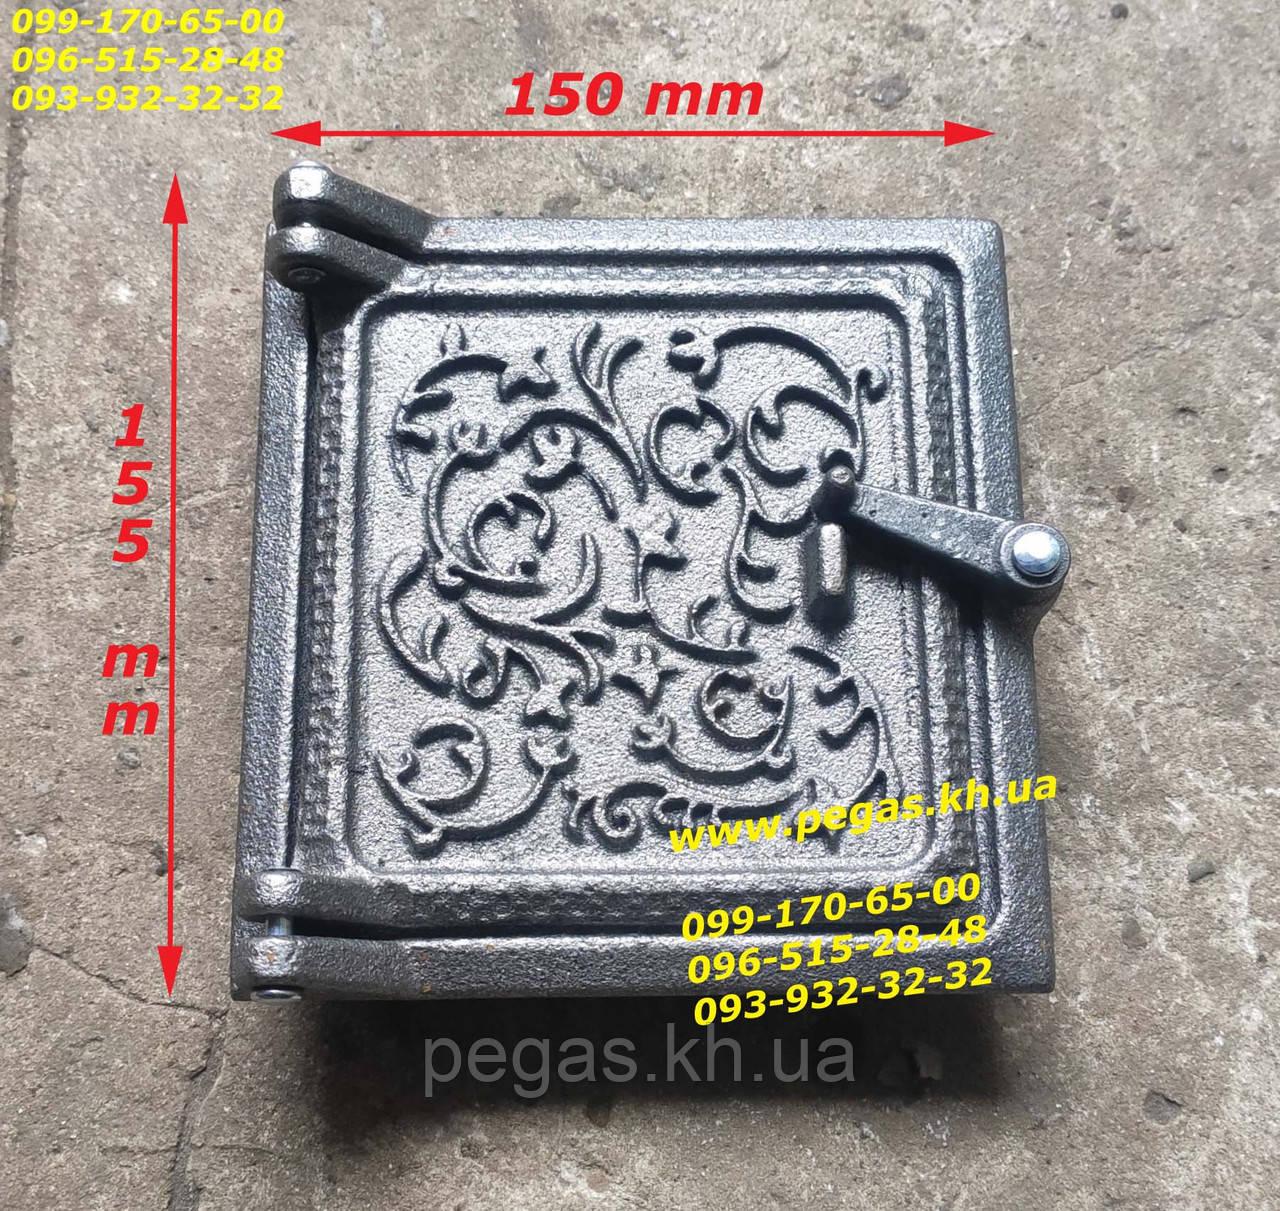 Дверцята сажотруска чавунна, люк для золи (135х130мм) сажотруска, печі, грубу, барбекю, мангал